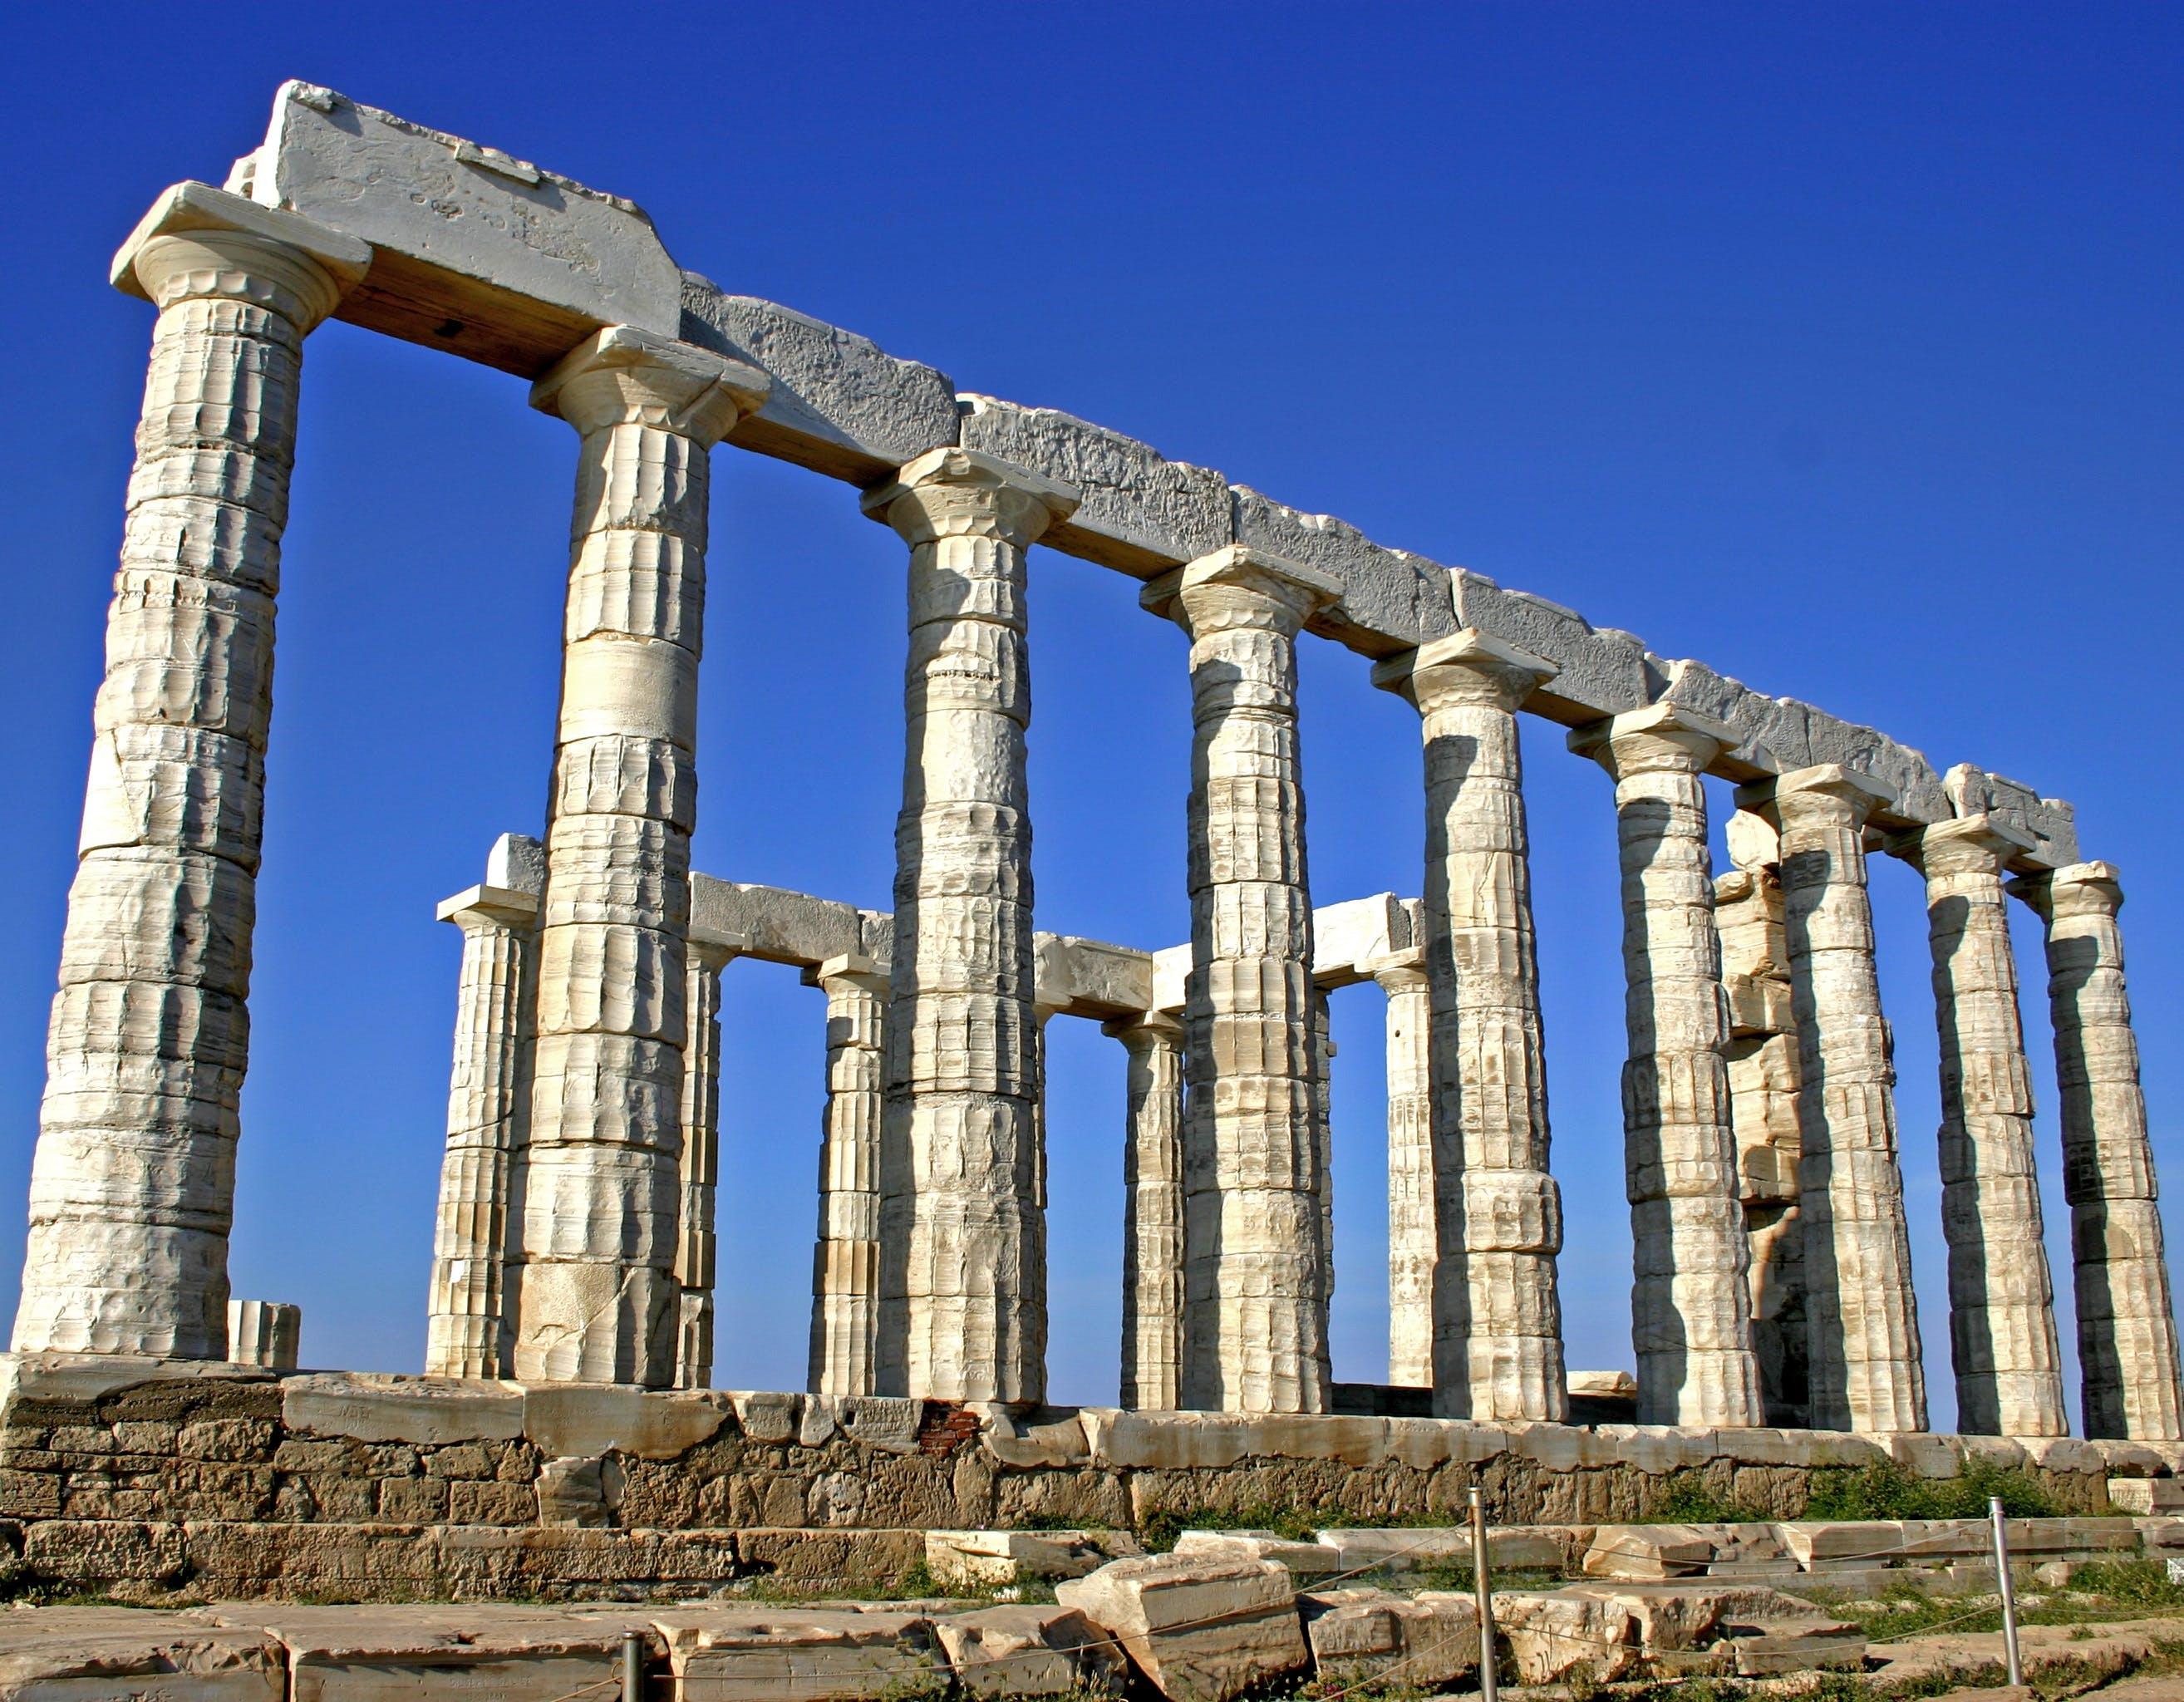 Concrete Pillars during Daytime